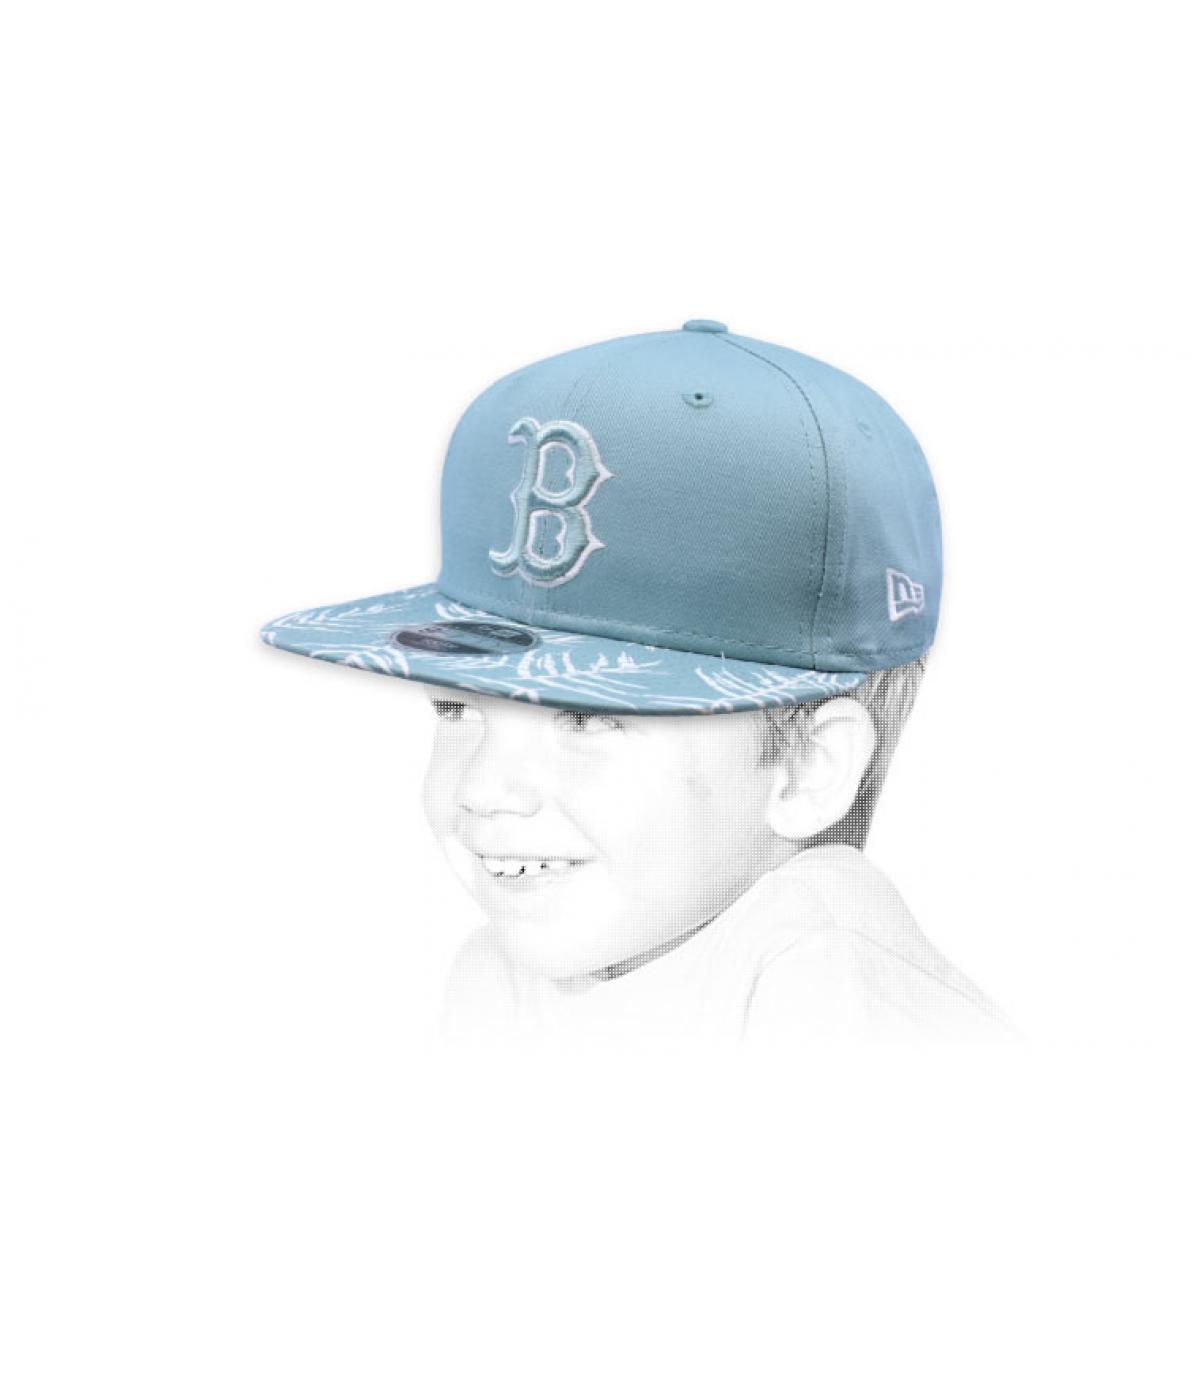 Kinder snapback blau B